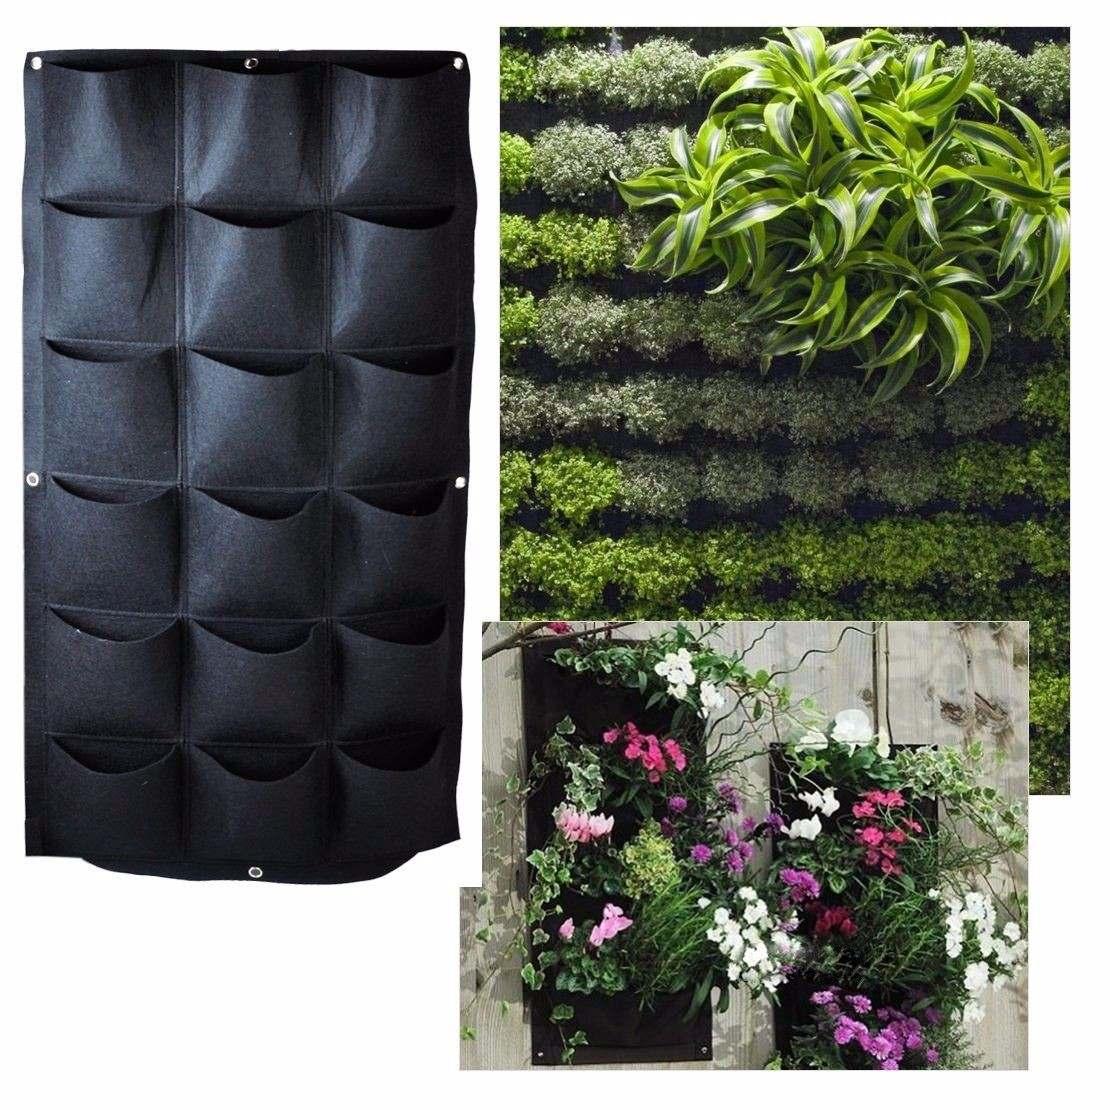 Macetas para jard n vertical o muro verde de 18 bolsas - Muros verdes verticales ...